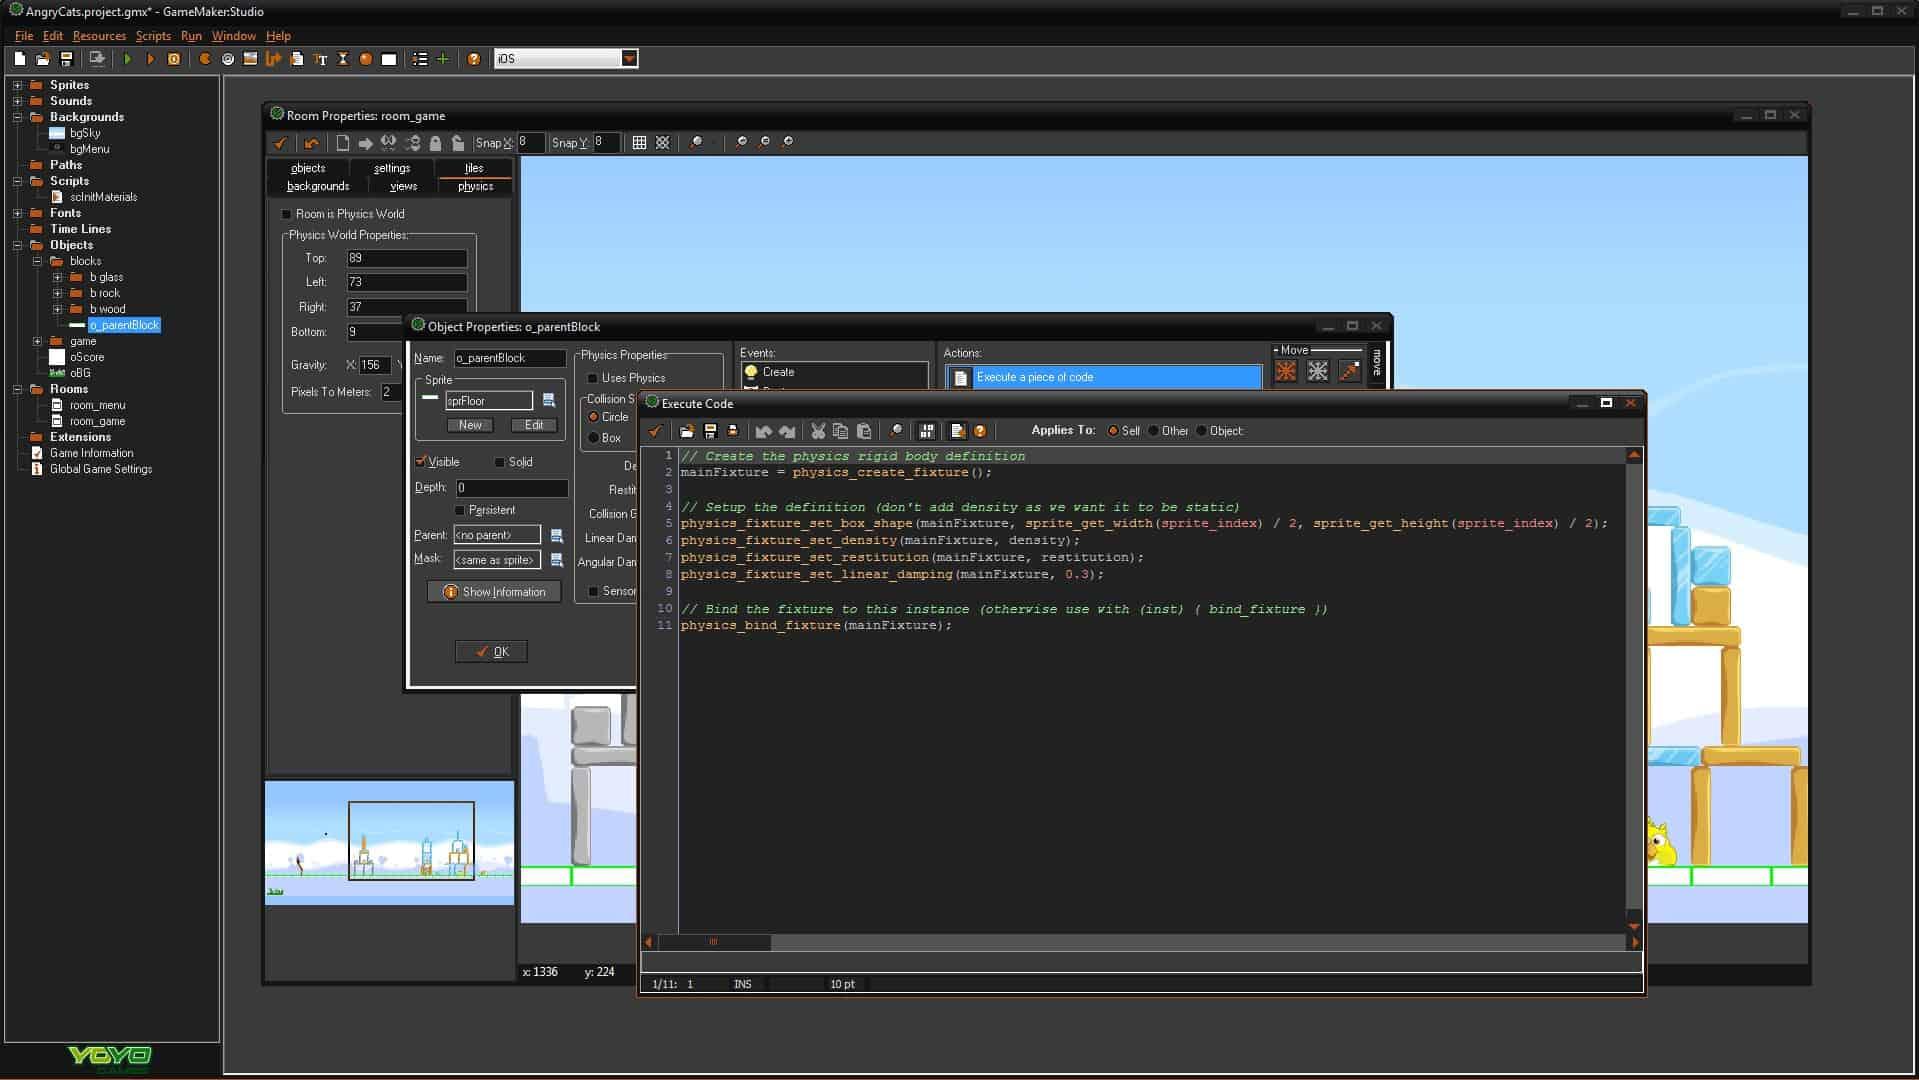 گیم میکر استودیو نسخه ۱